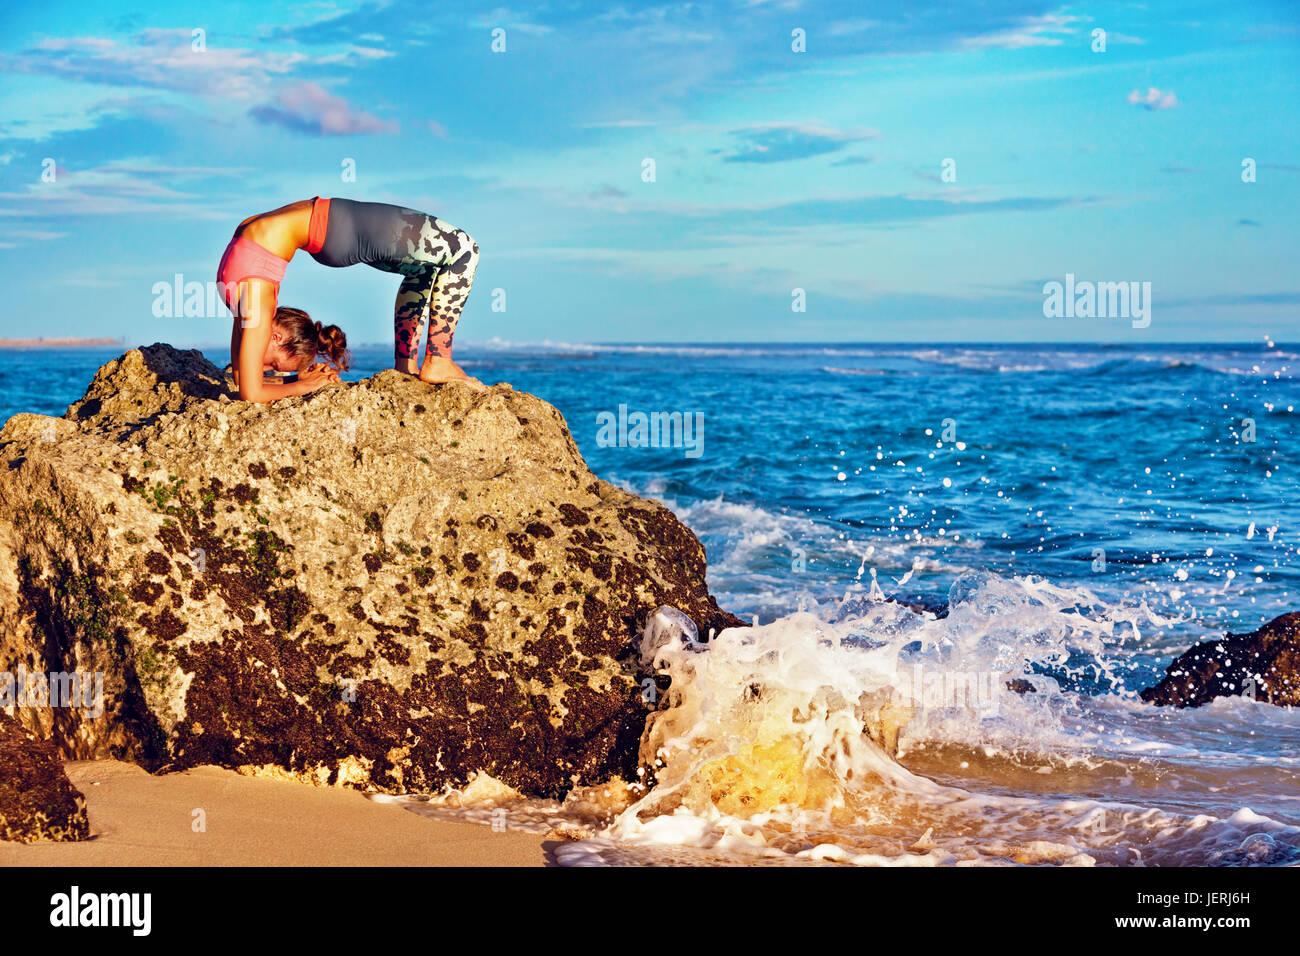 La meditación sobre el mar de fondo con toques de surf. Mujer activa en la playa roca en pose de yoga para Imagen De Stock